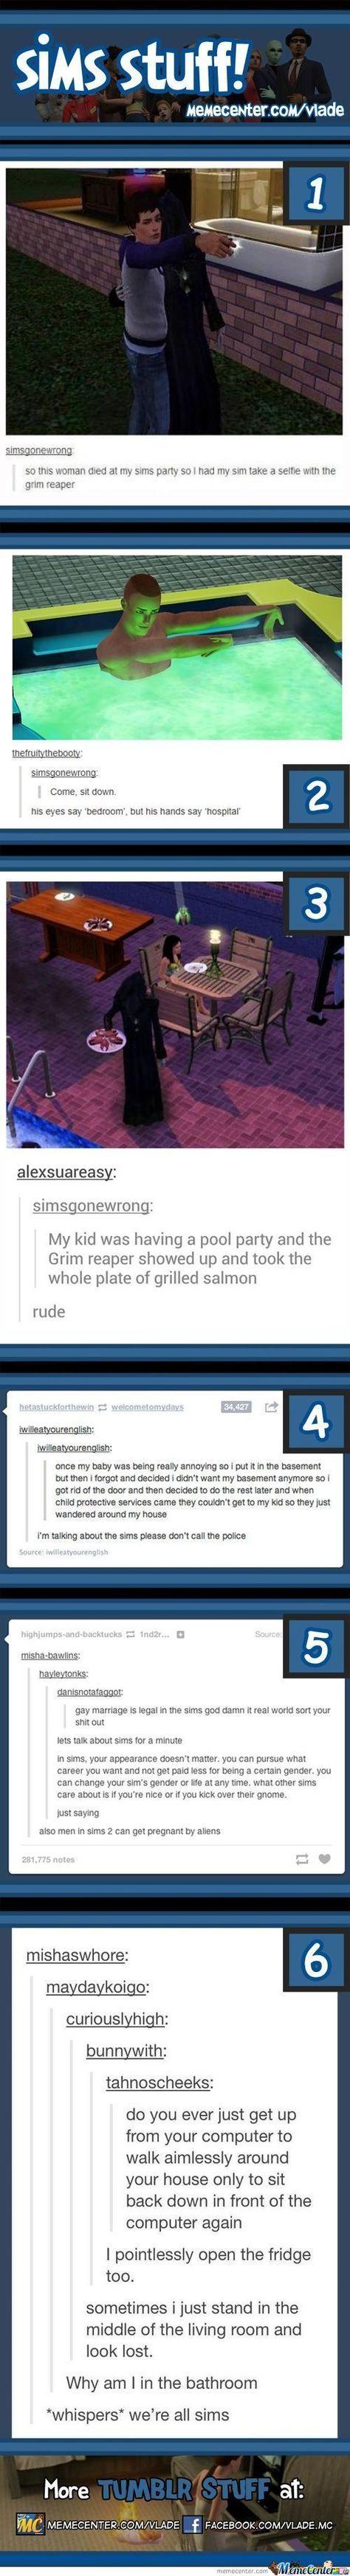 Tumblr Stuff - Meme Center lolololololololol number 2 is my favorite ROLF !!!!